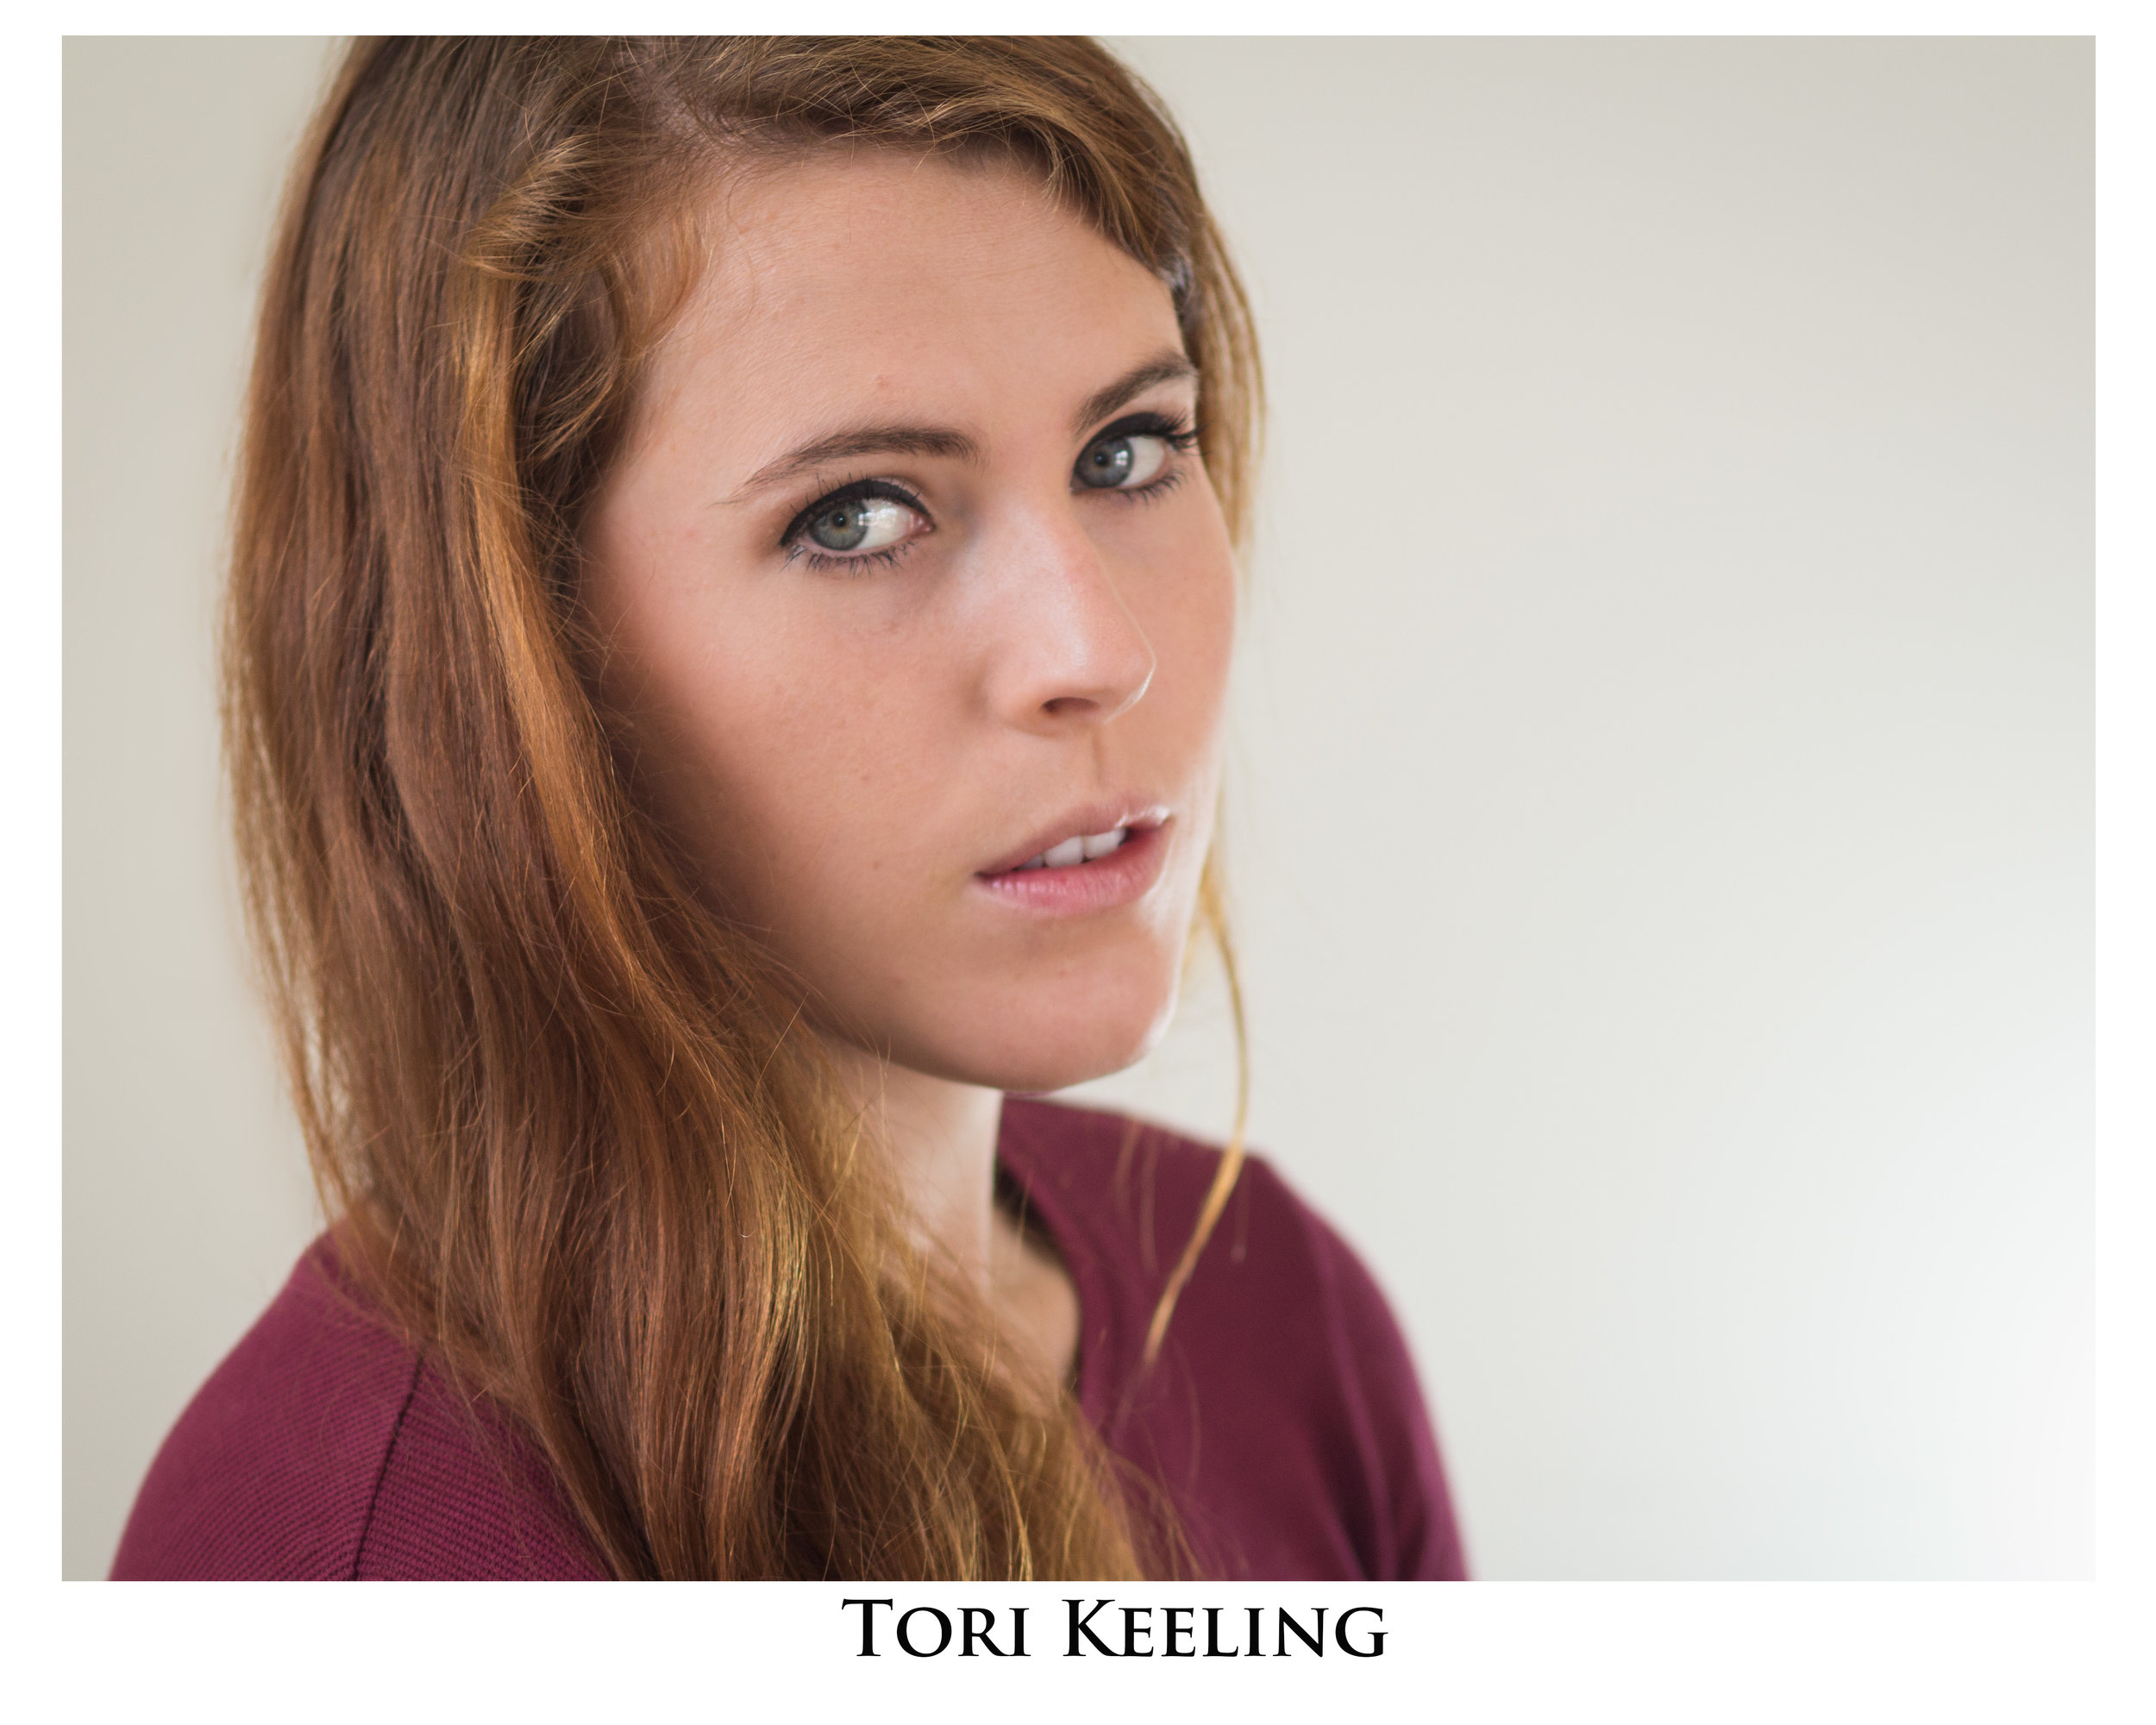 tori-keeling